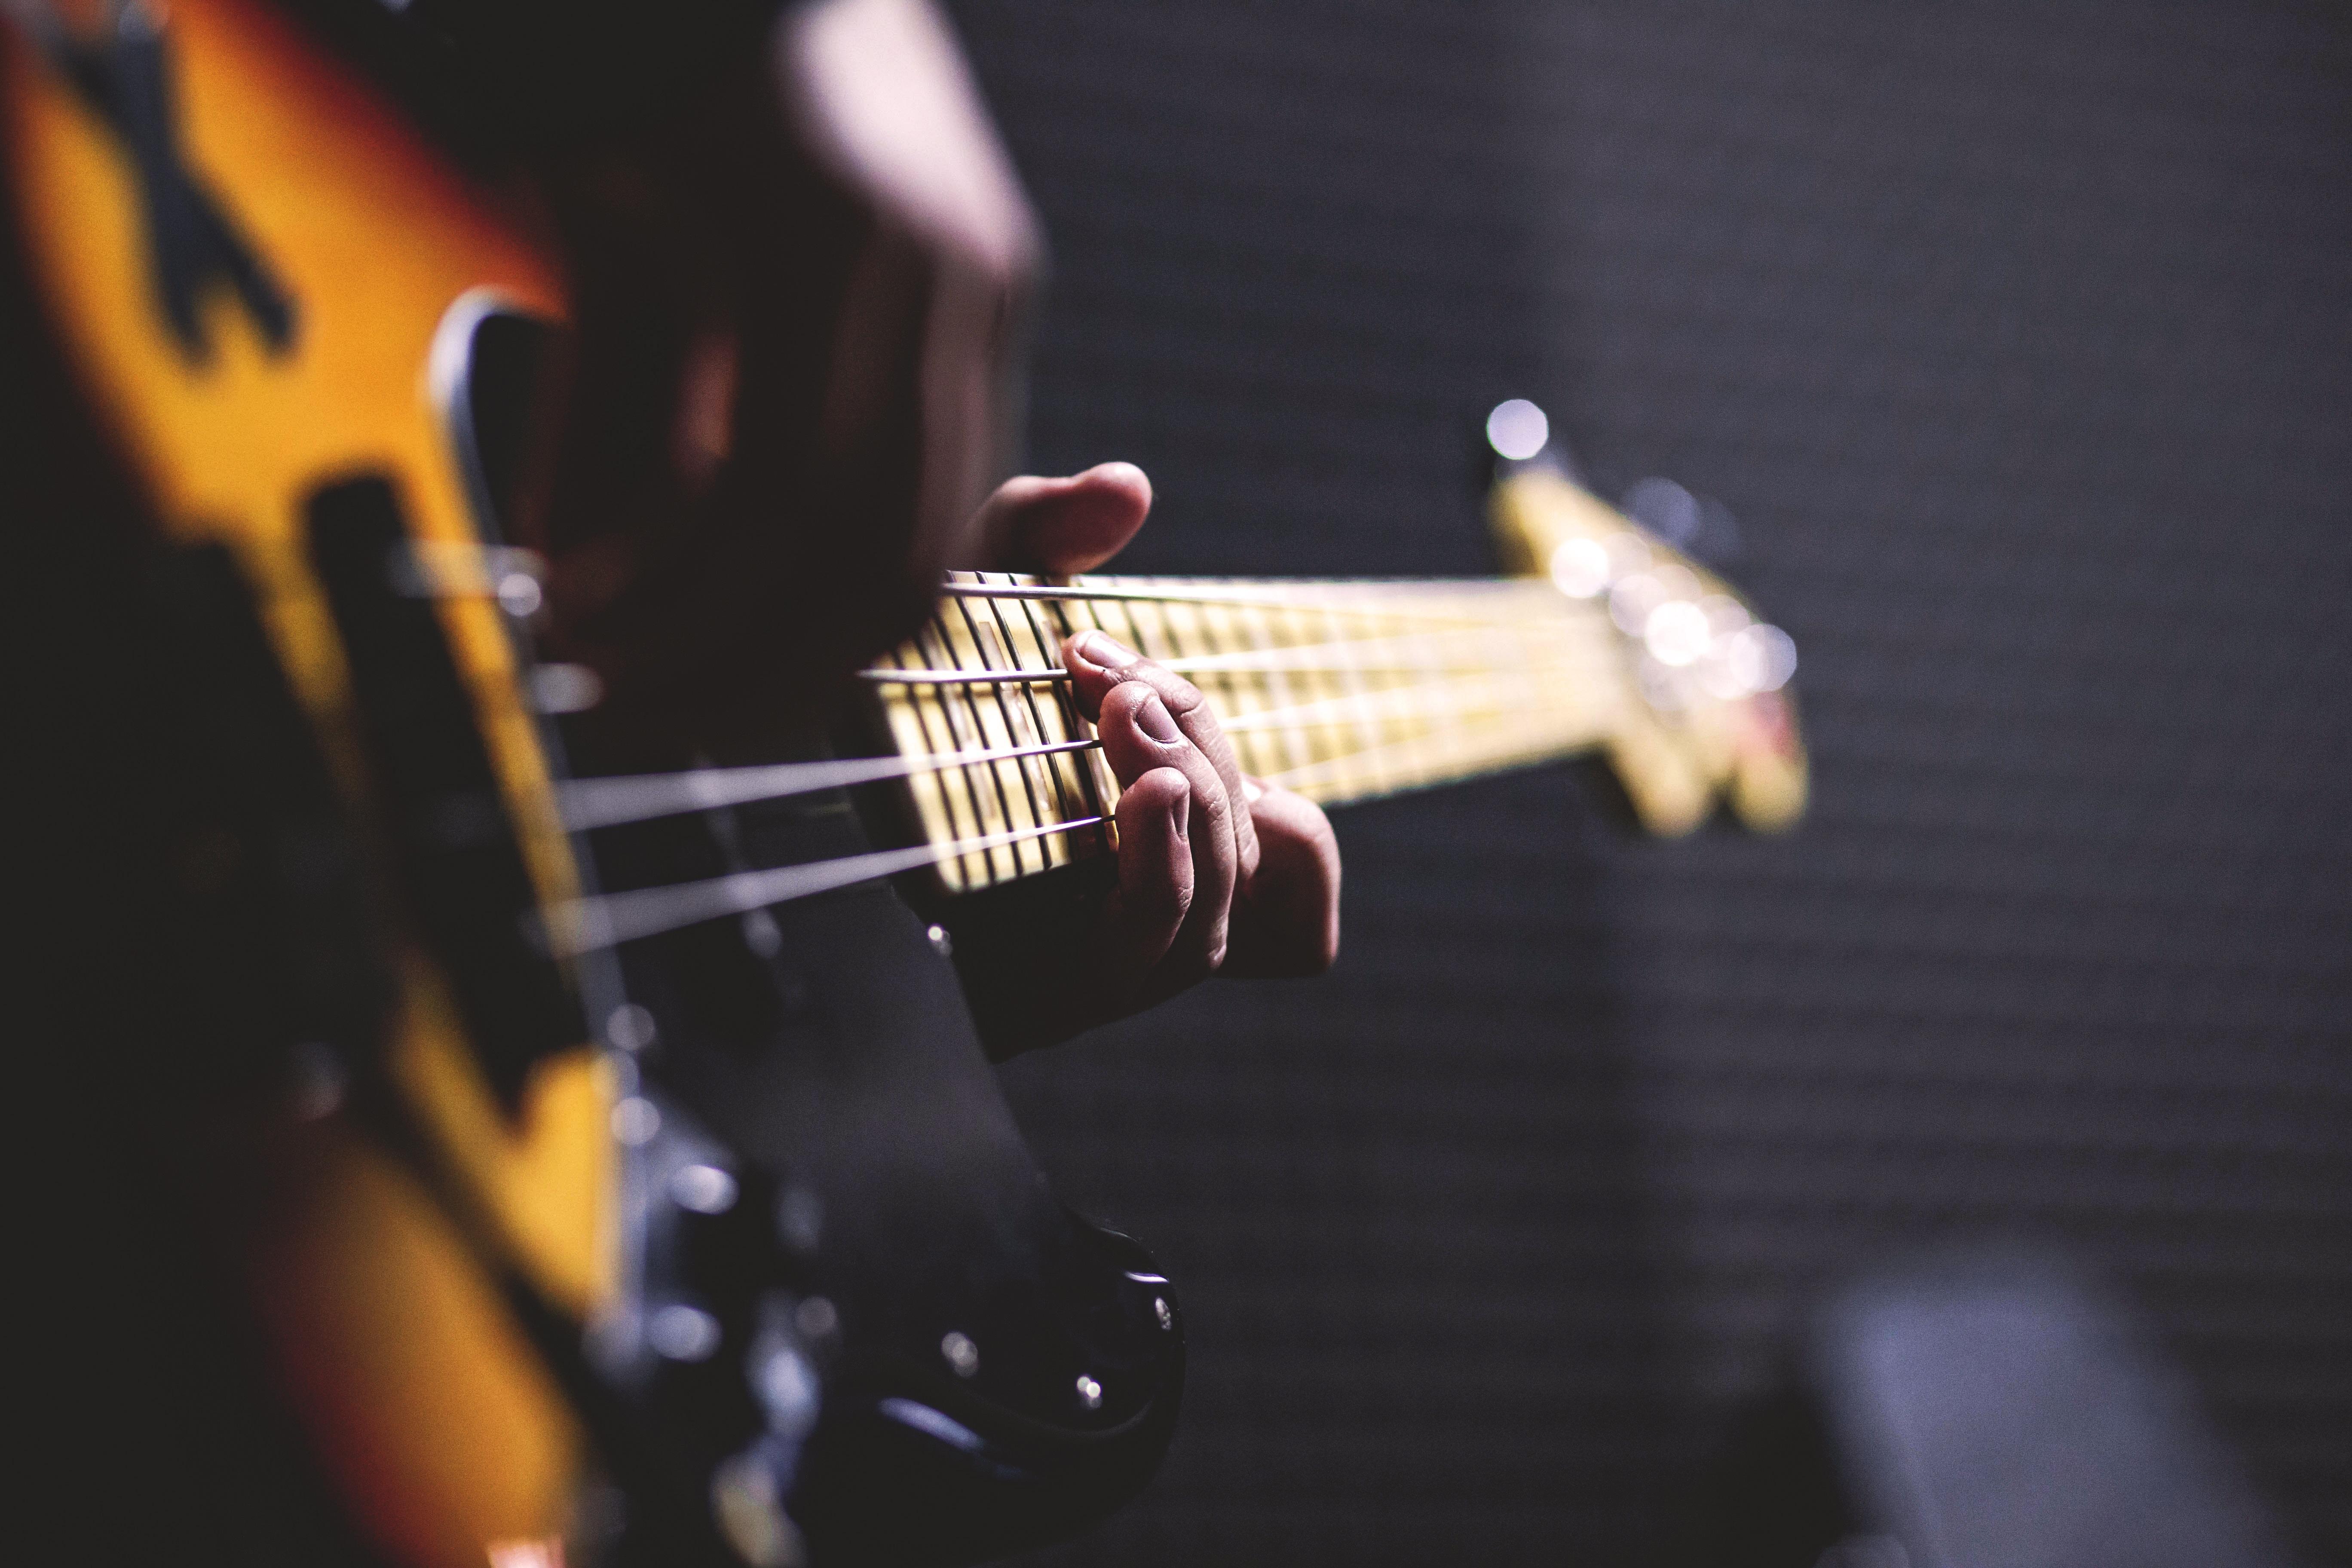 bass-guitar-1841186